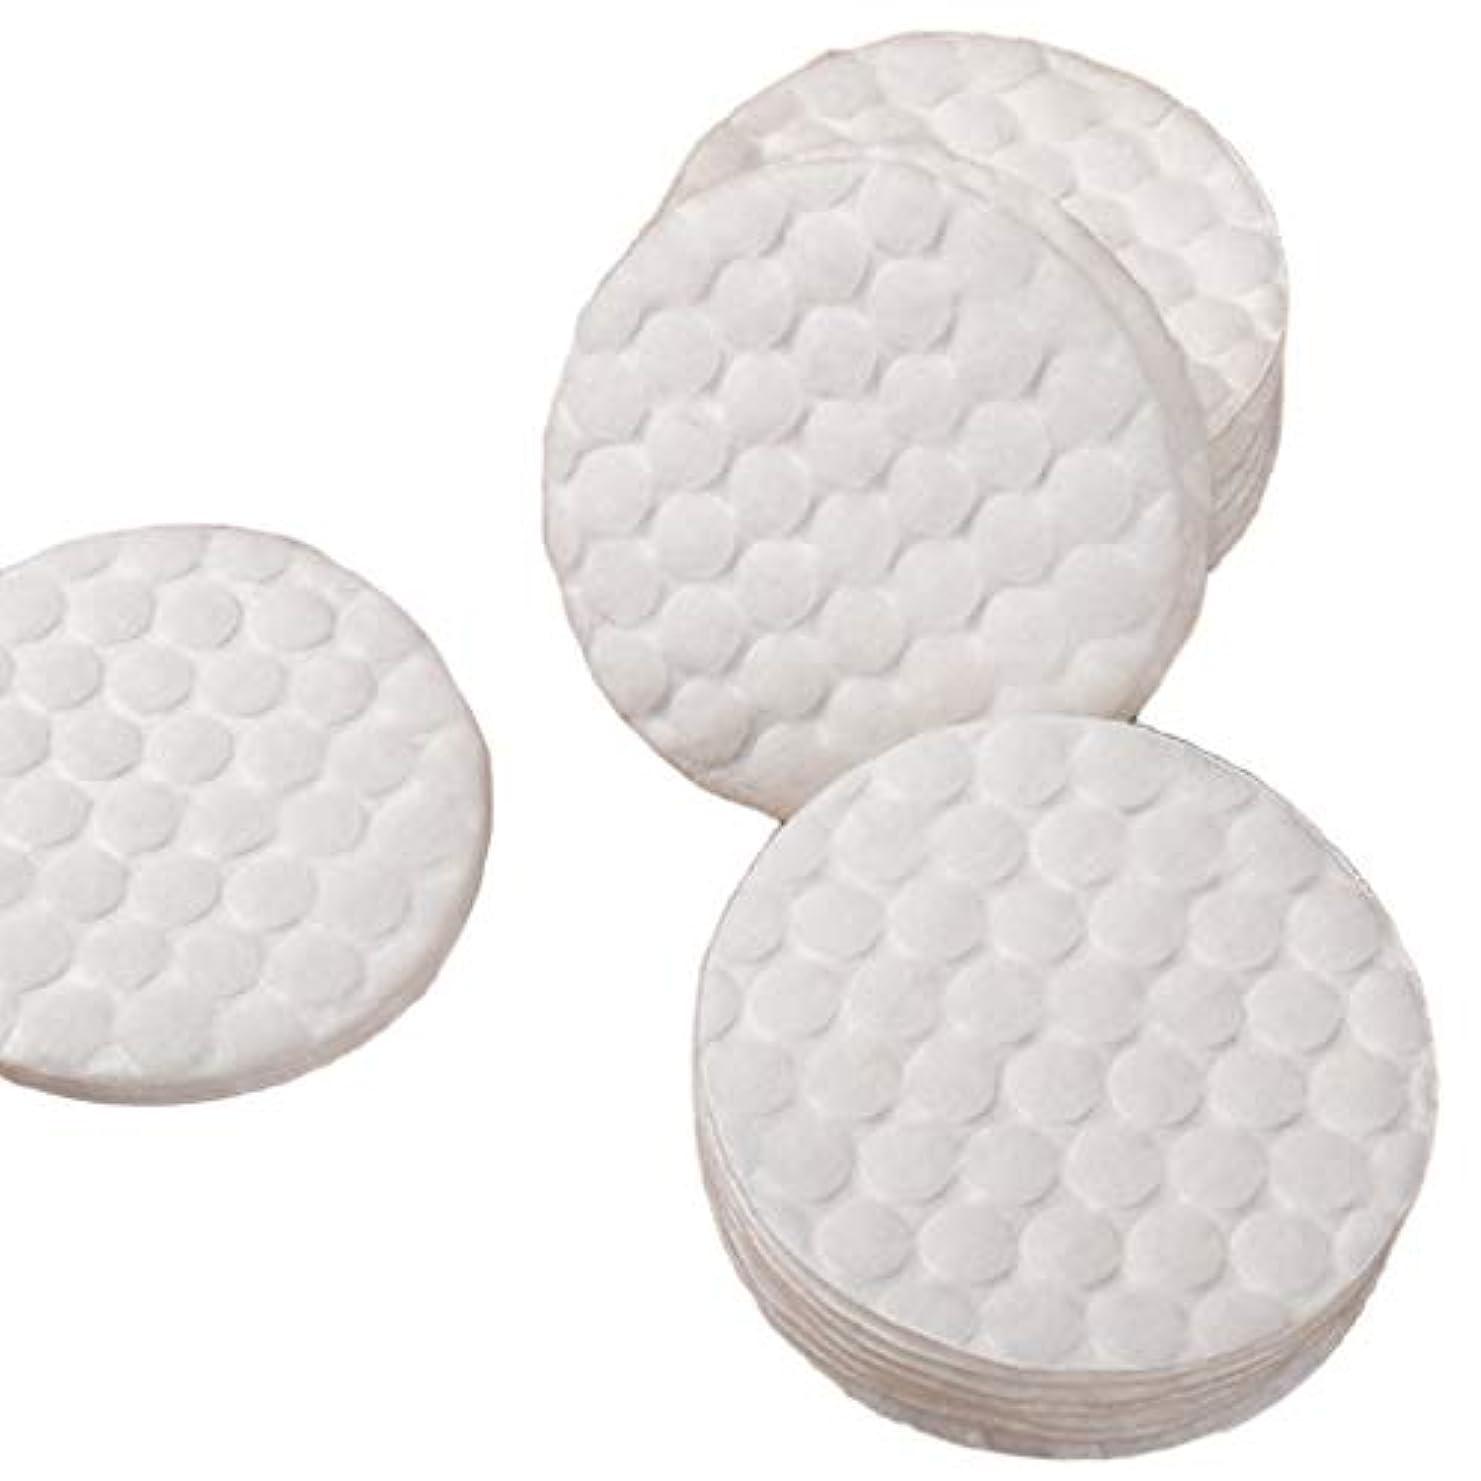 脅かす復活ぼろクレンジングシート 60個/バッグメイク落としコットンパッド洗えるワイプクレンジングオイルスキンケアフェイシャルケアメイクアップ化粧品ワイプ (Color : White)